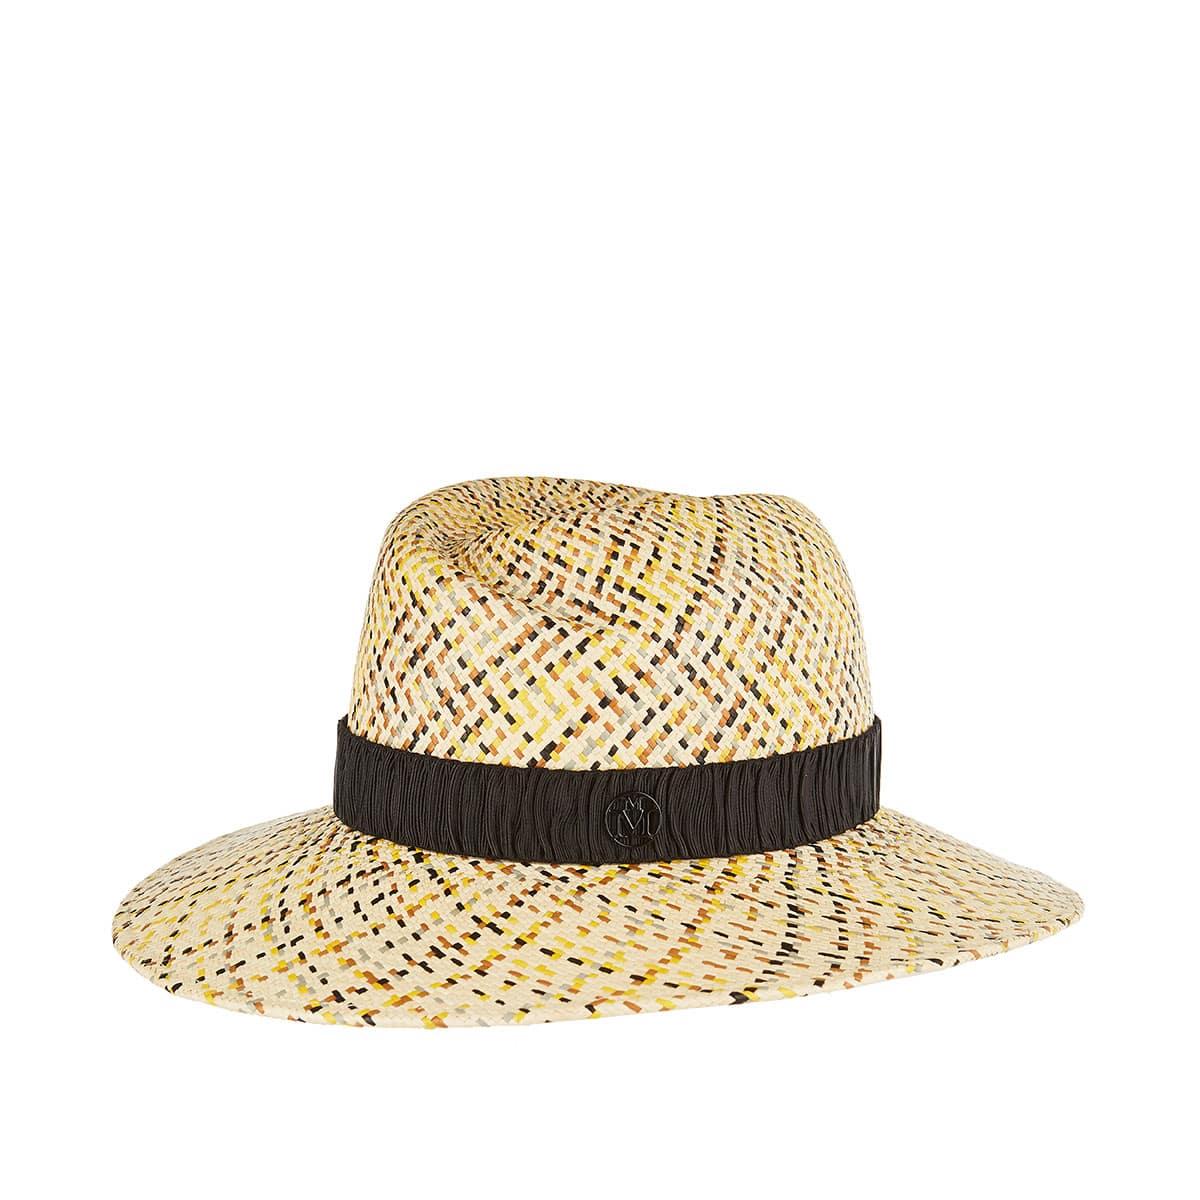 Virginie woven straw fedora hat